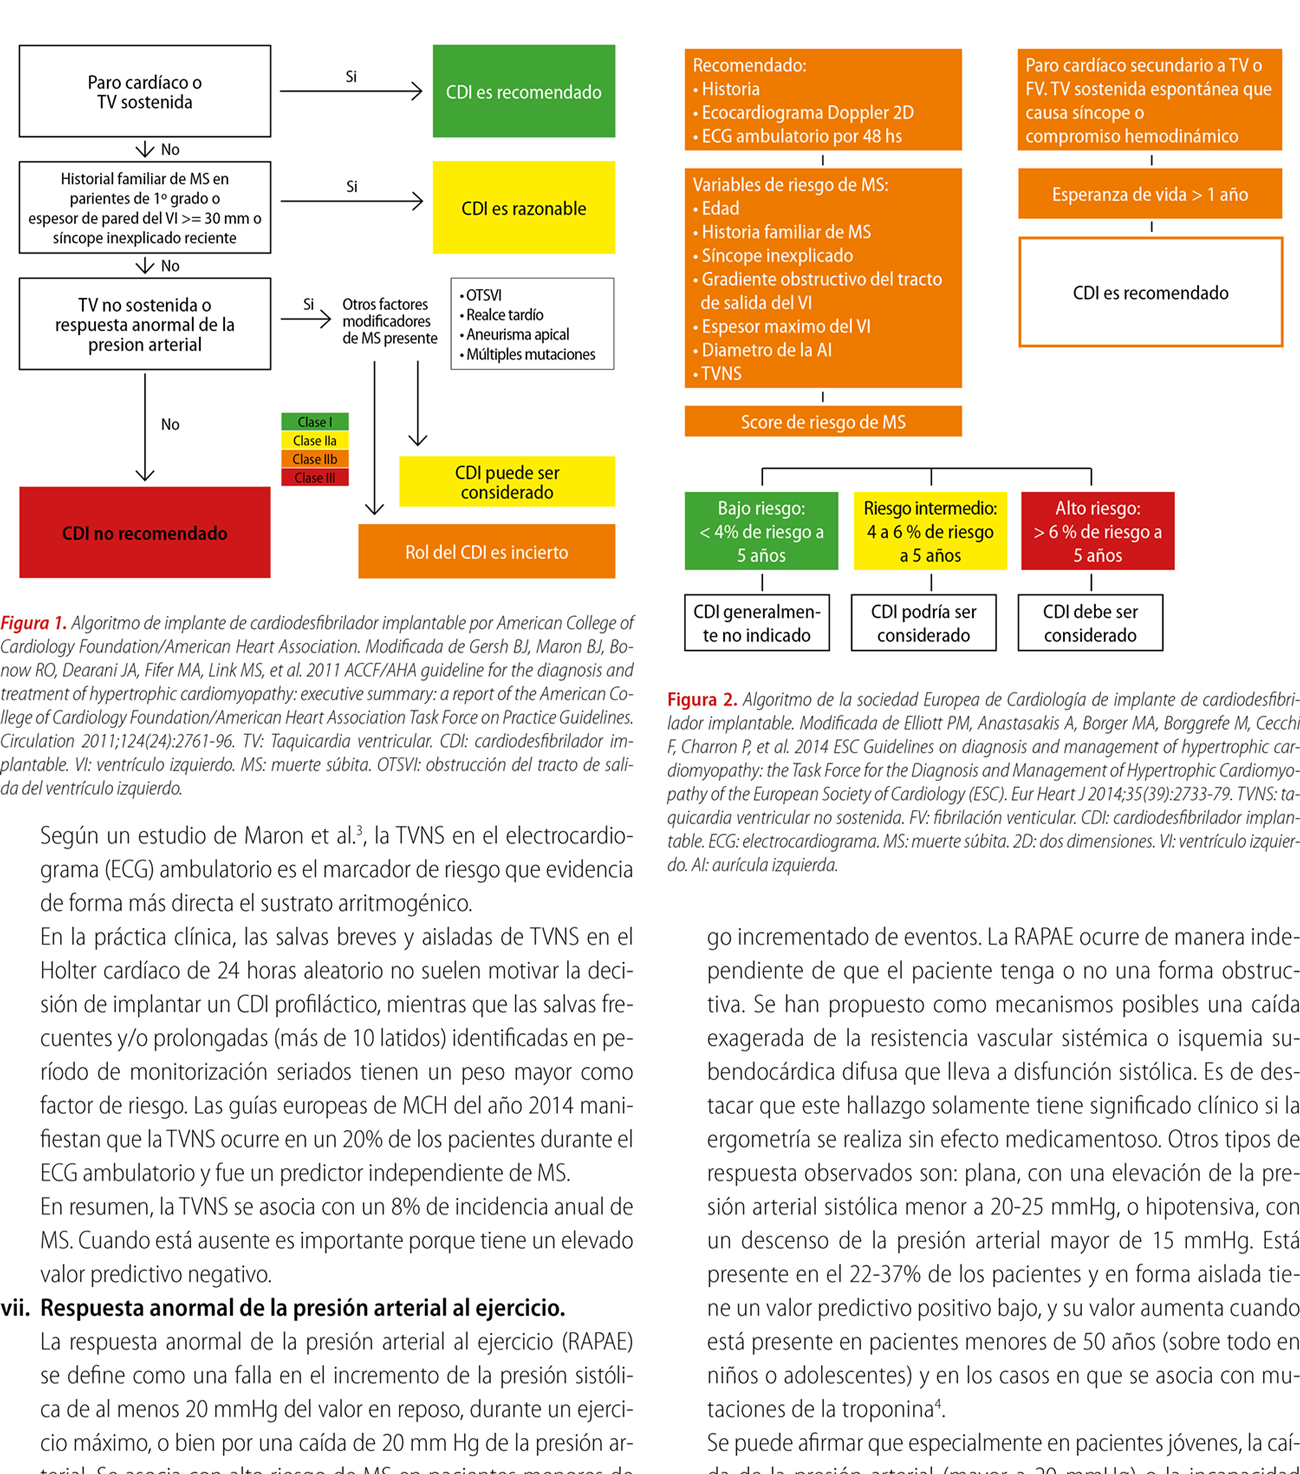 Prevención de muerte súbita en la miocardiopatía hipertrófica: utilidad de predictores y scores para evaluar la indicación de cardiodesfibrilador implantable